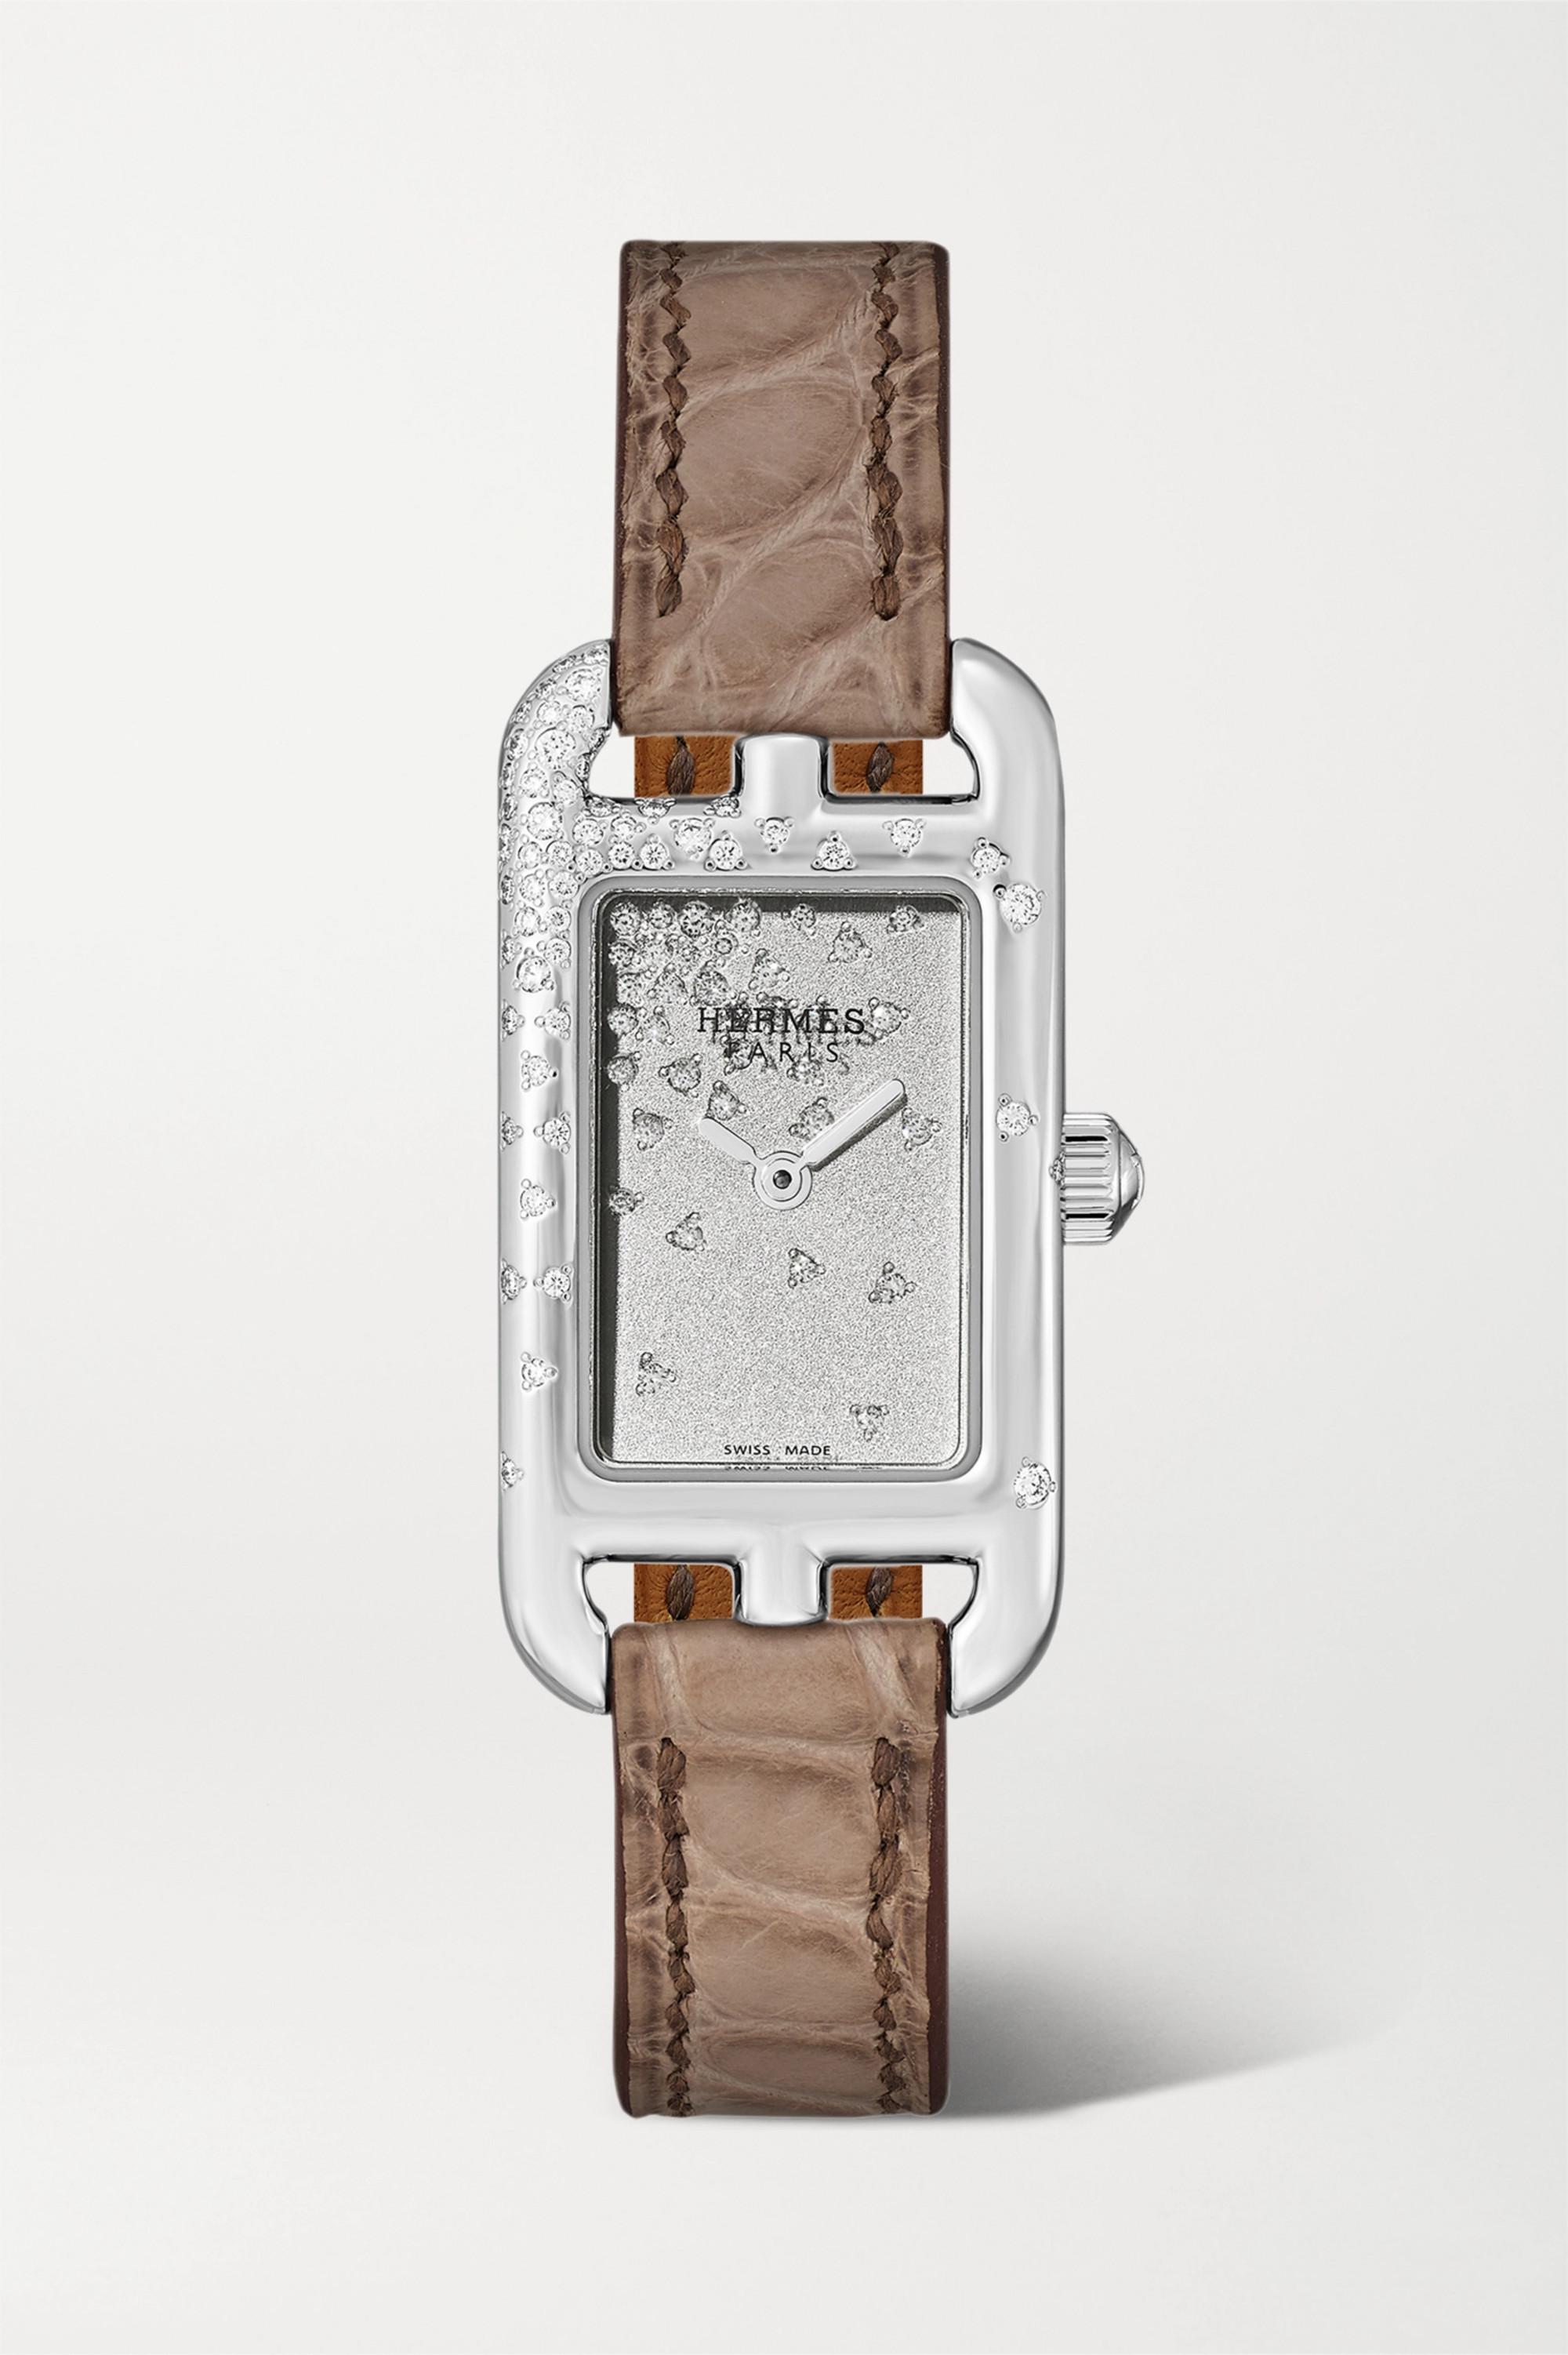 Hermès Timepieces Nantucket Jeté de Diamants 17 毫米钻石精钢超小号腕表(短吻鳄鱼皮表带)